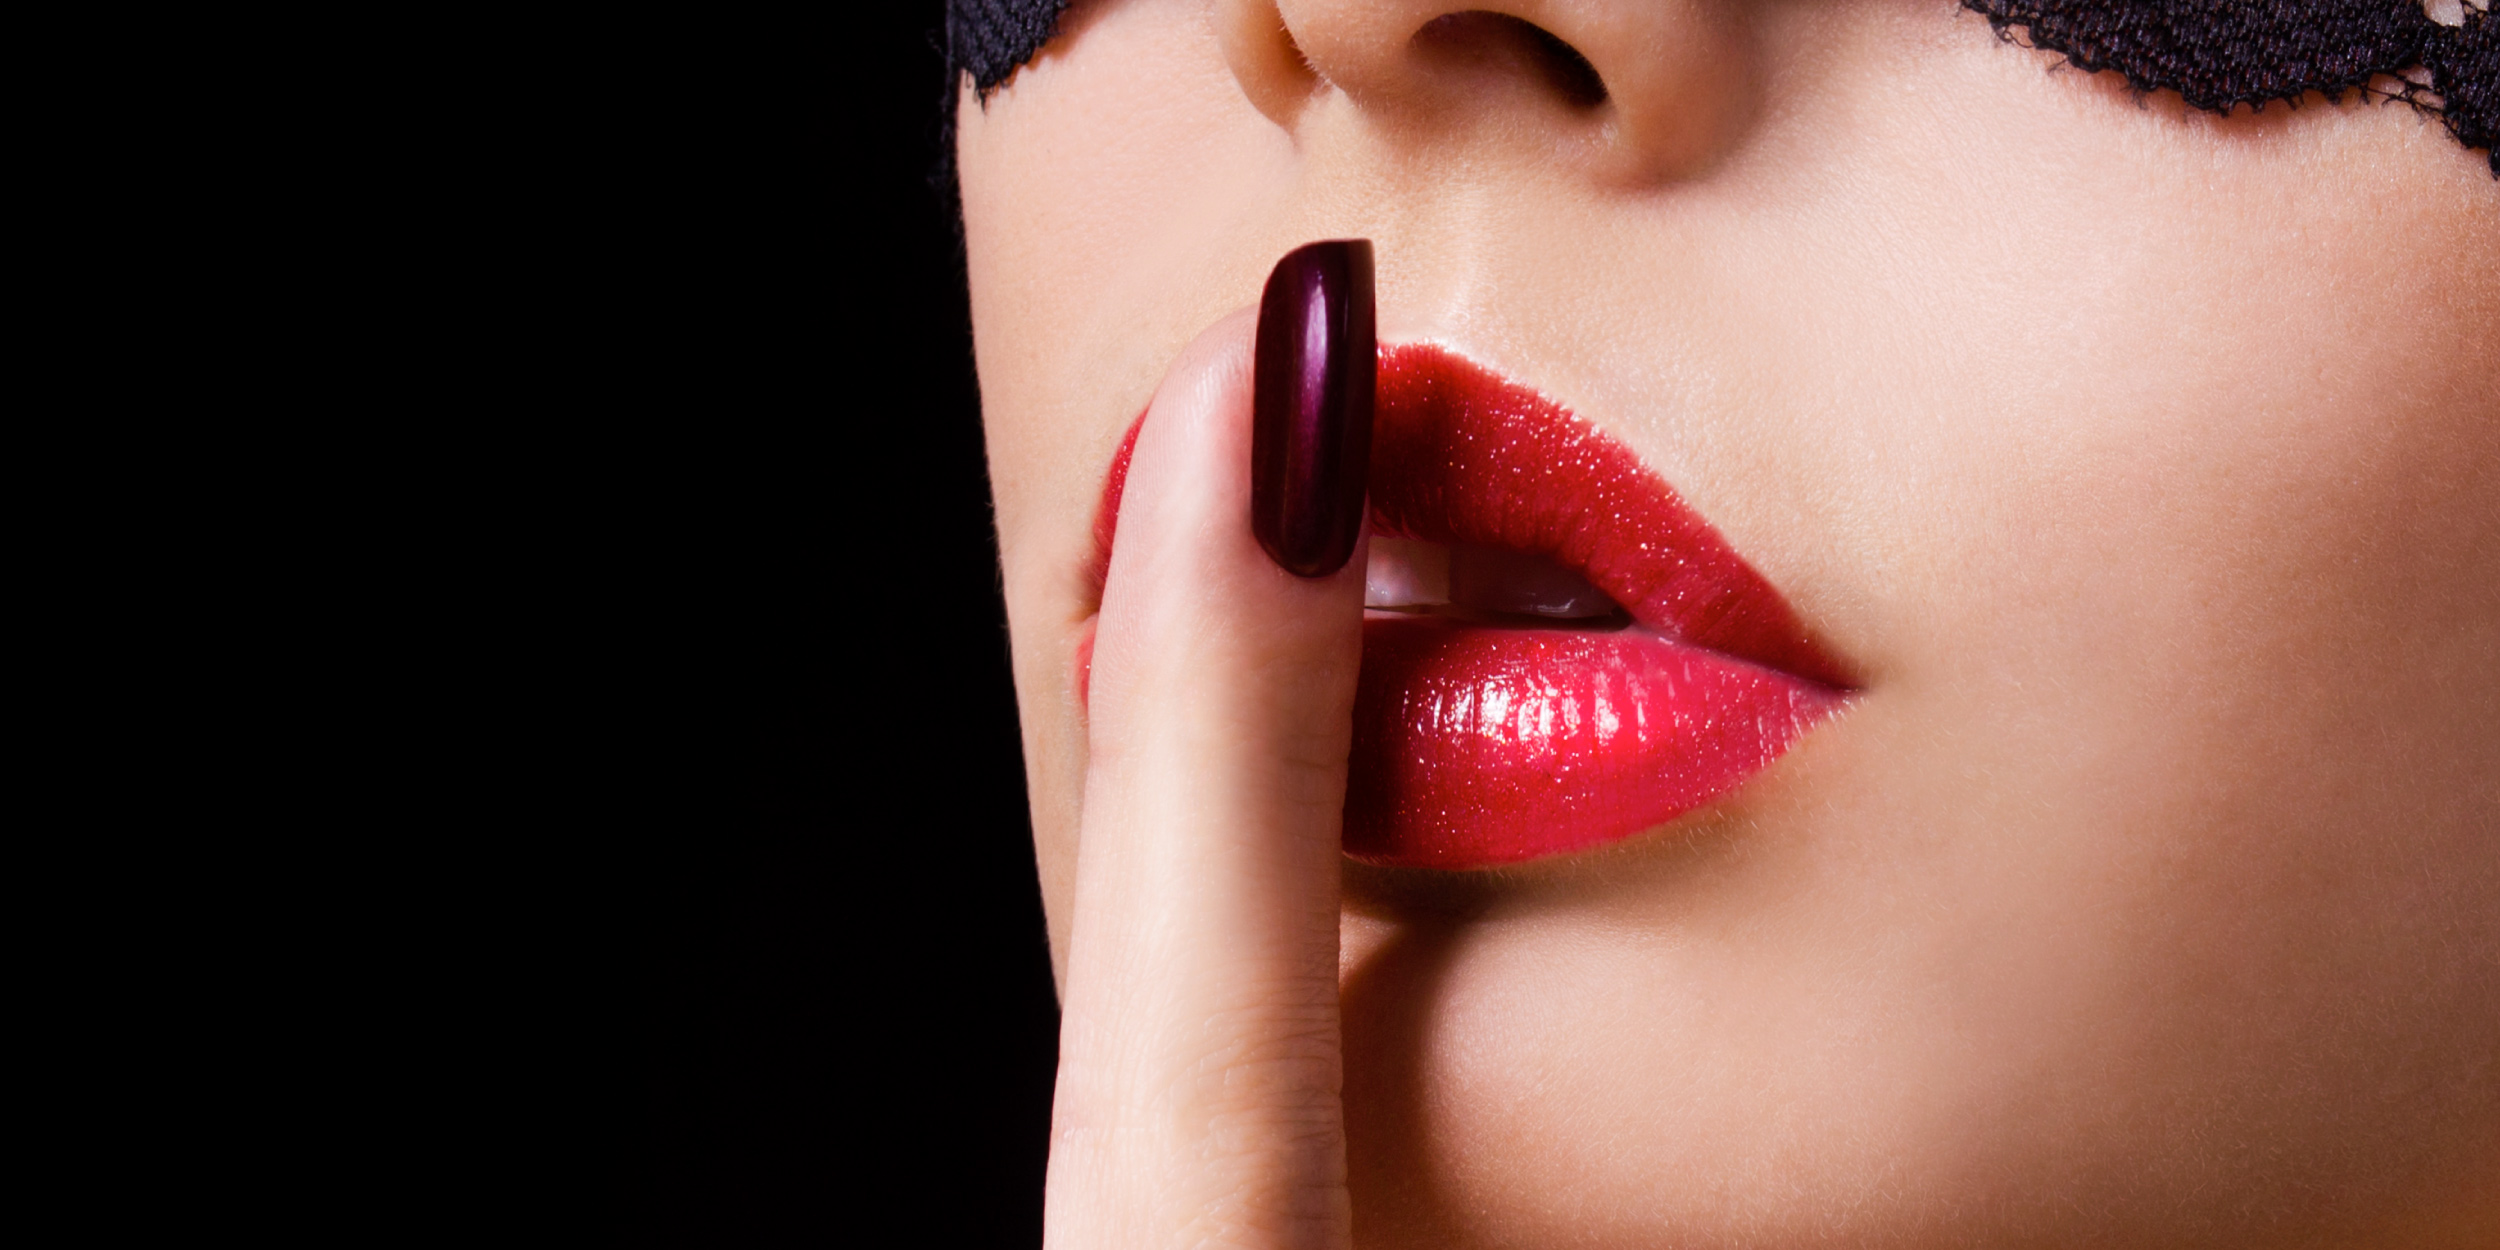 Оральным сексом женщига должна заниматся без кариеса